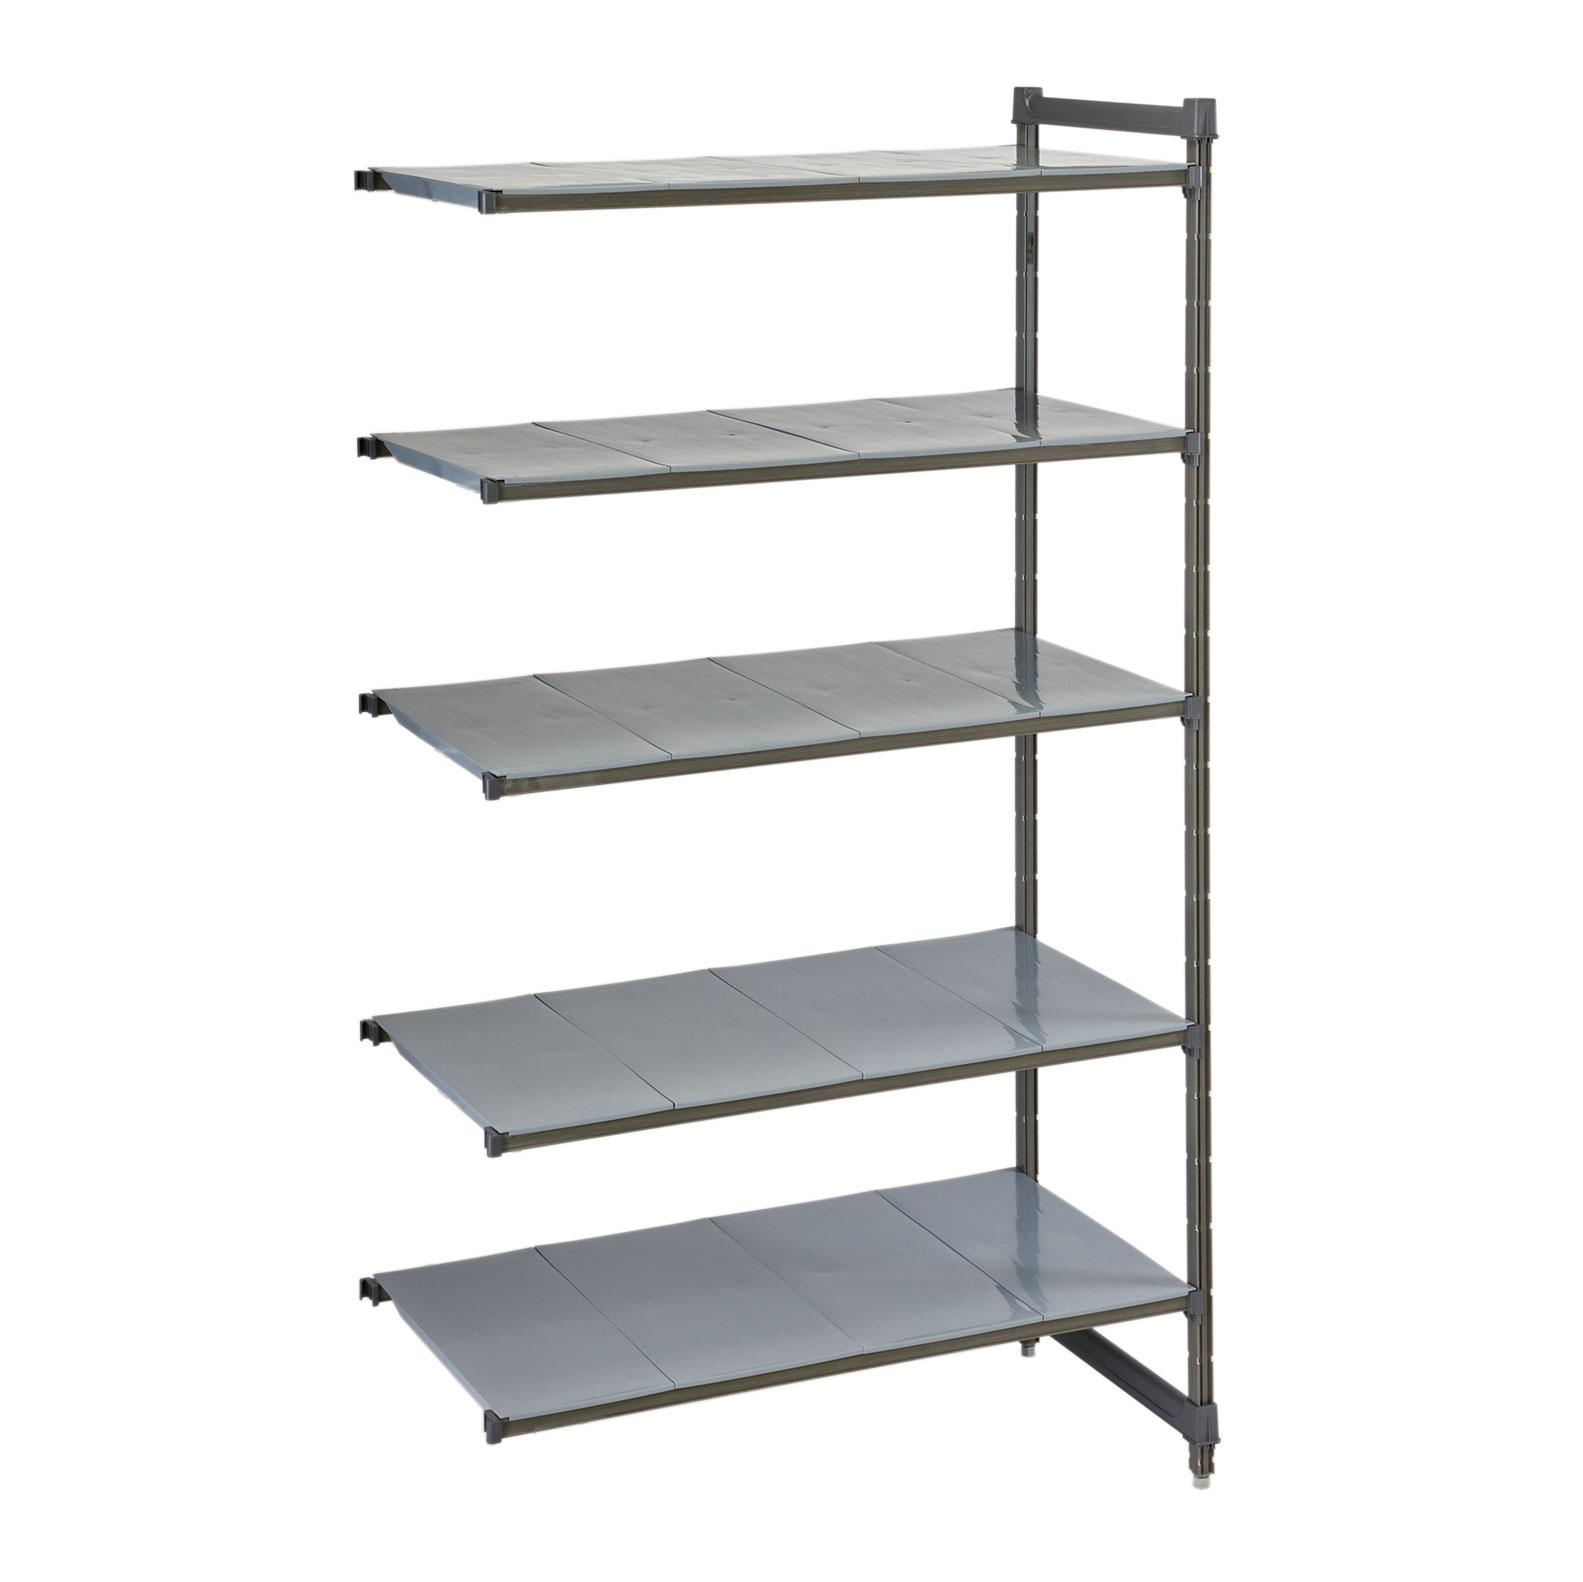 Cambro CBA186084S5580 shelving unit, all plastic